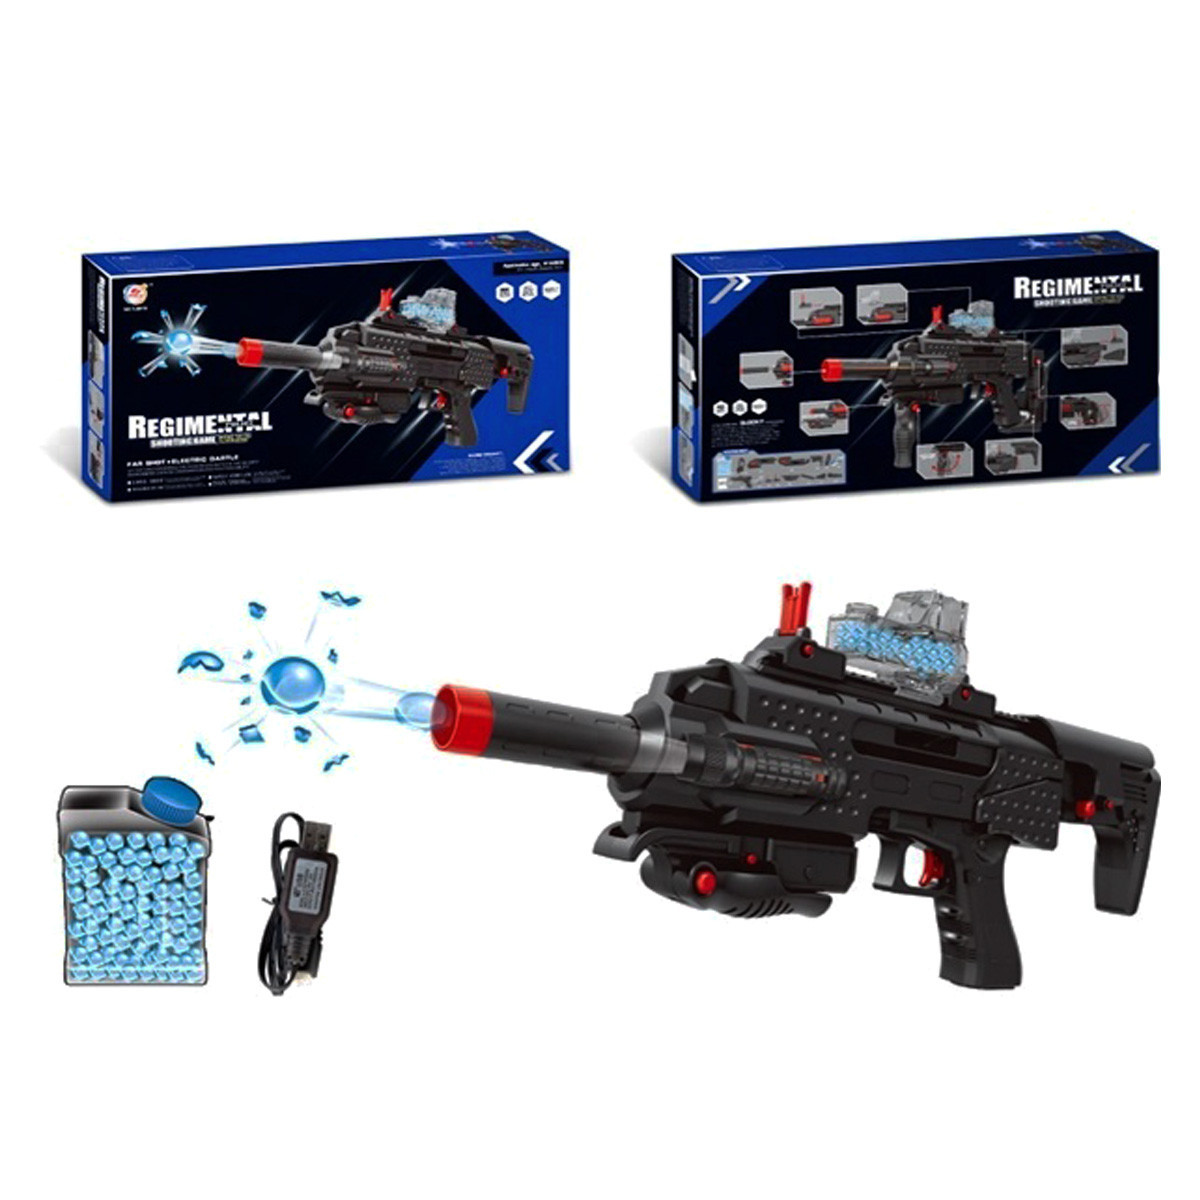 """Автомат-пистолет """"Regimental Police"""" с гелевыми пулями TJ6818"""